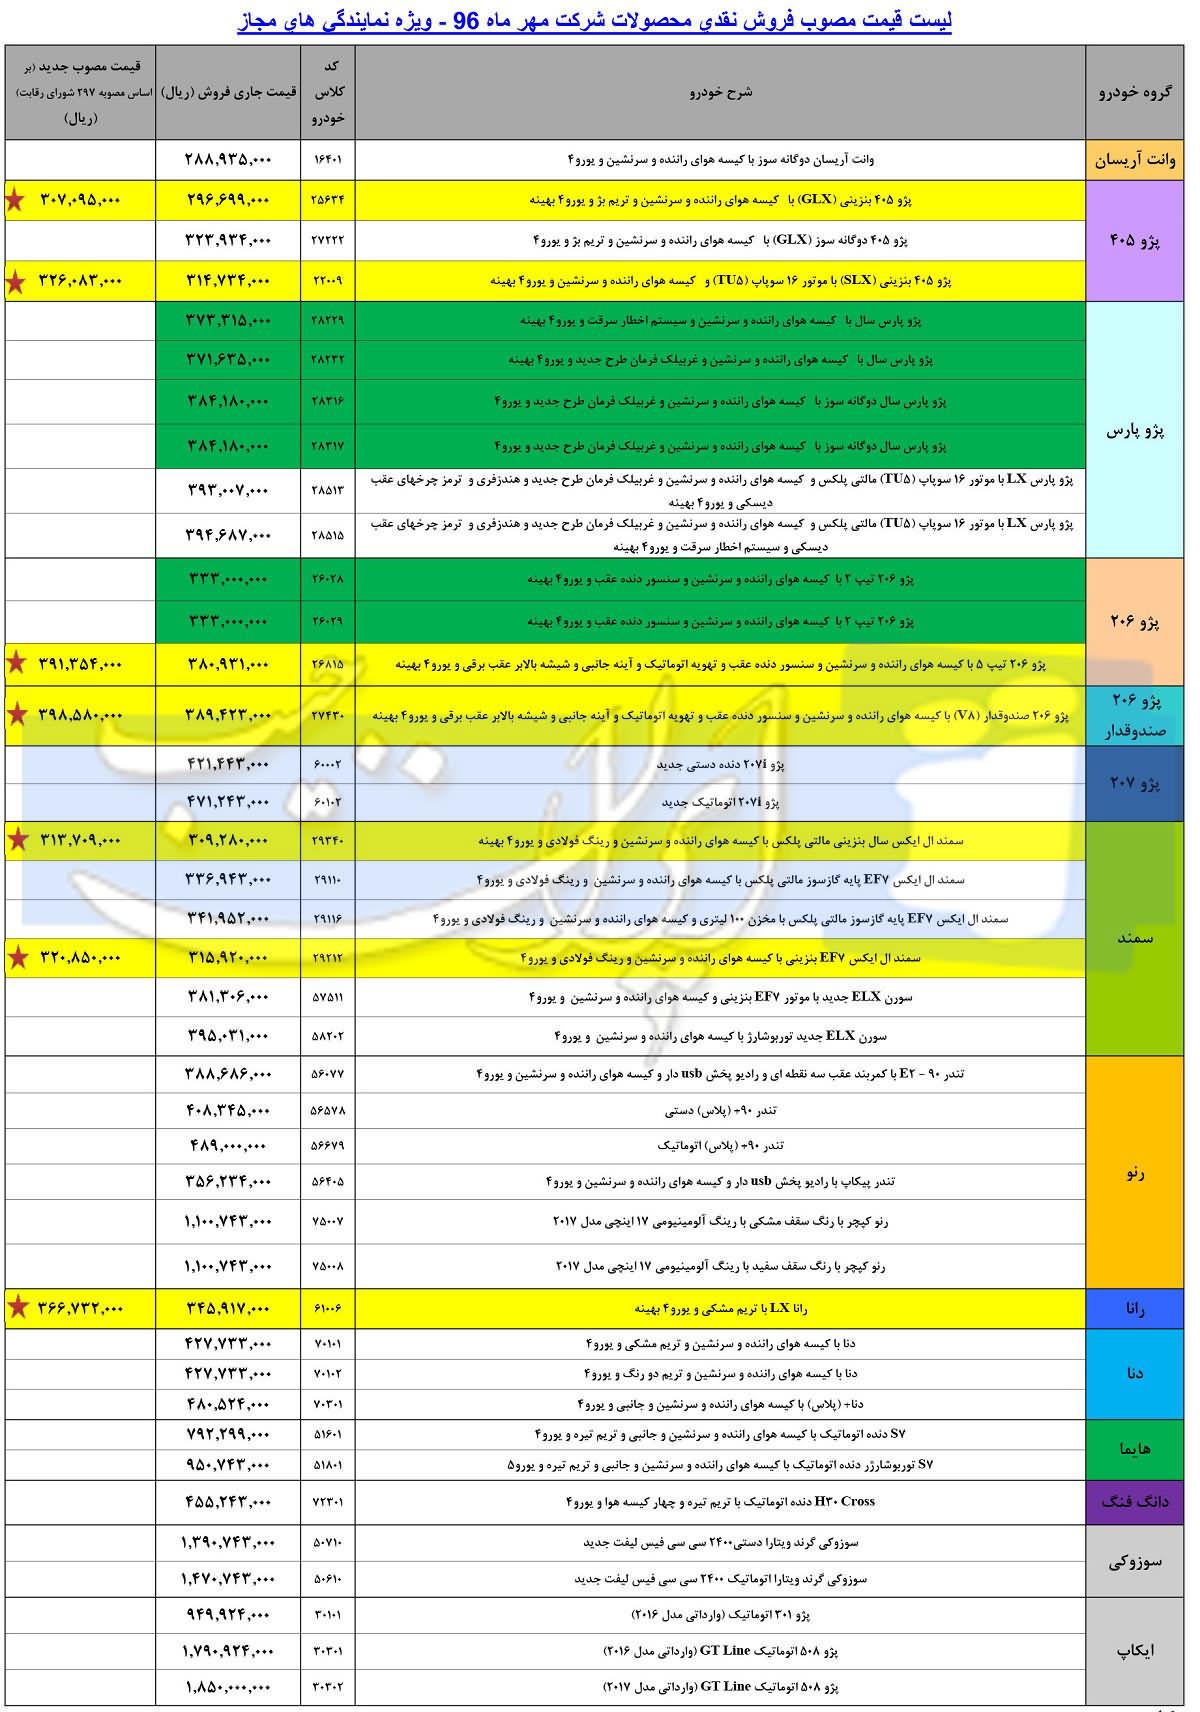 انتشار قیمت جدید کارخانه ای محصولات ایران خودرو